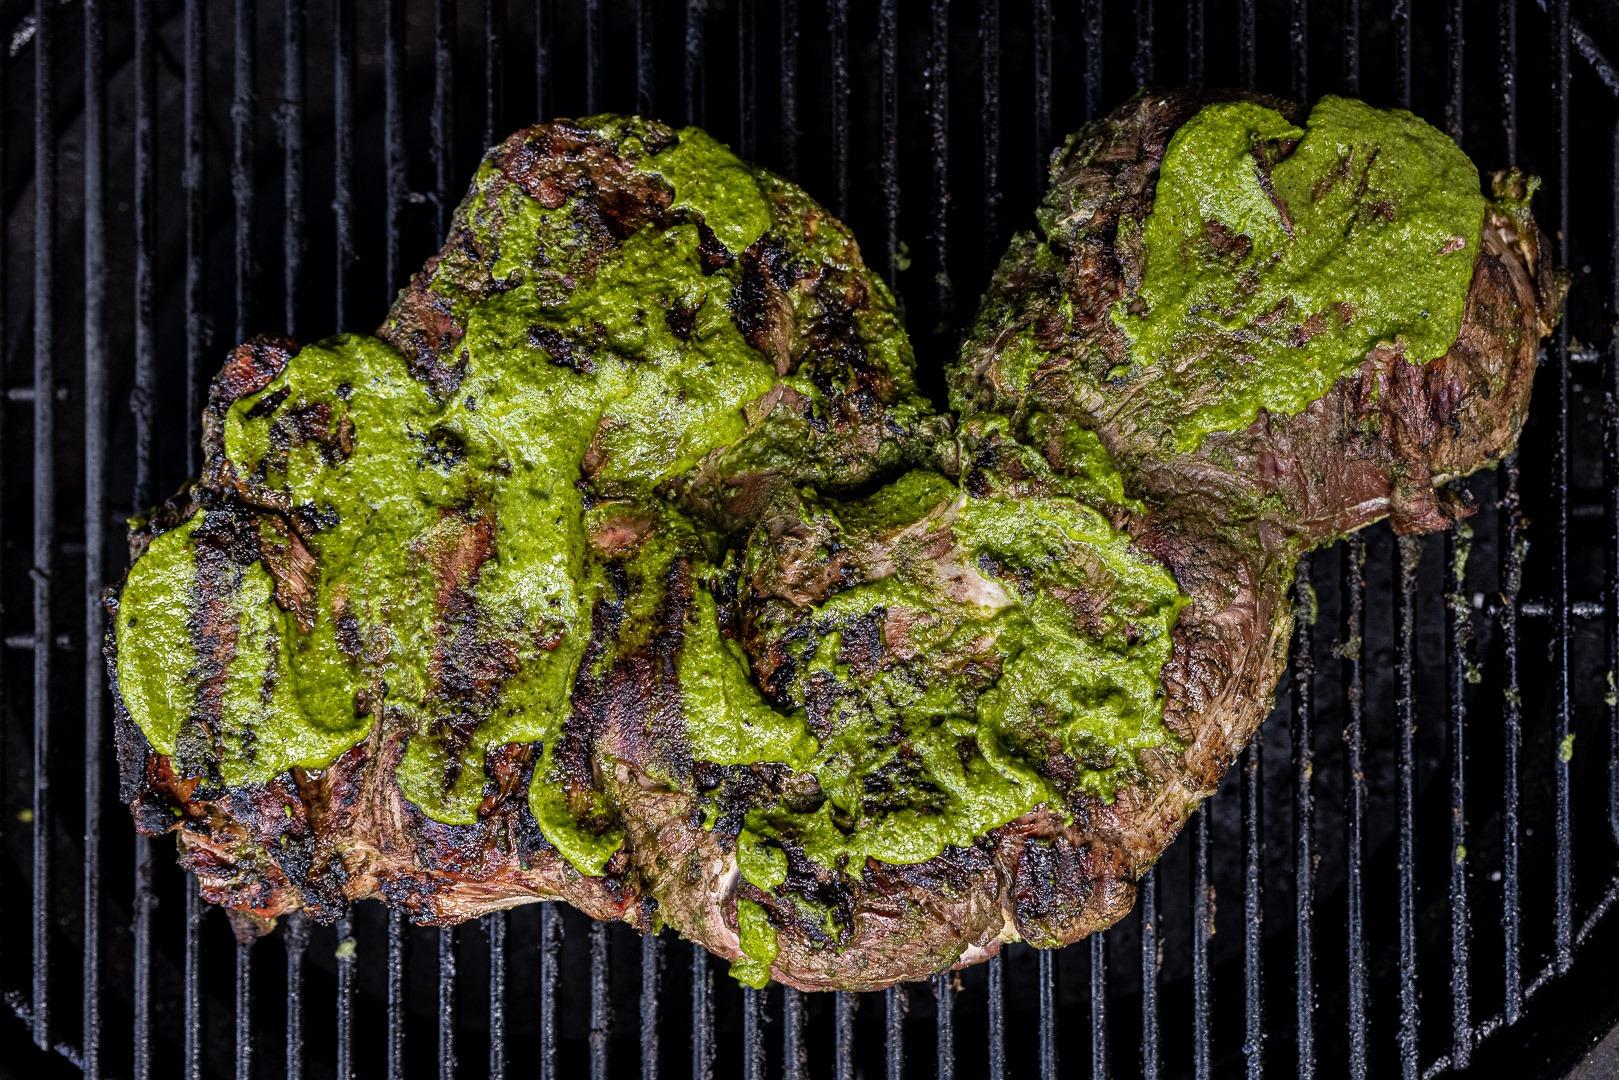 butterflied leg of lamb grilling